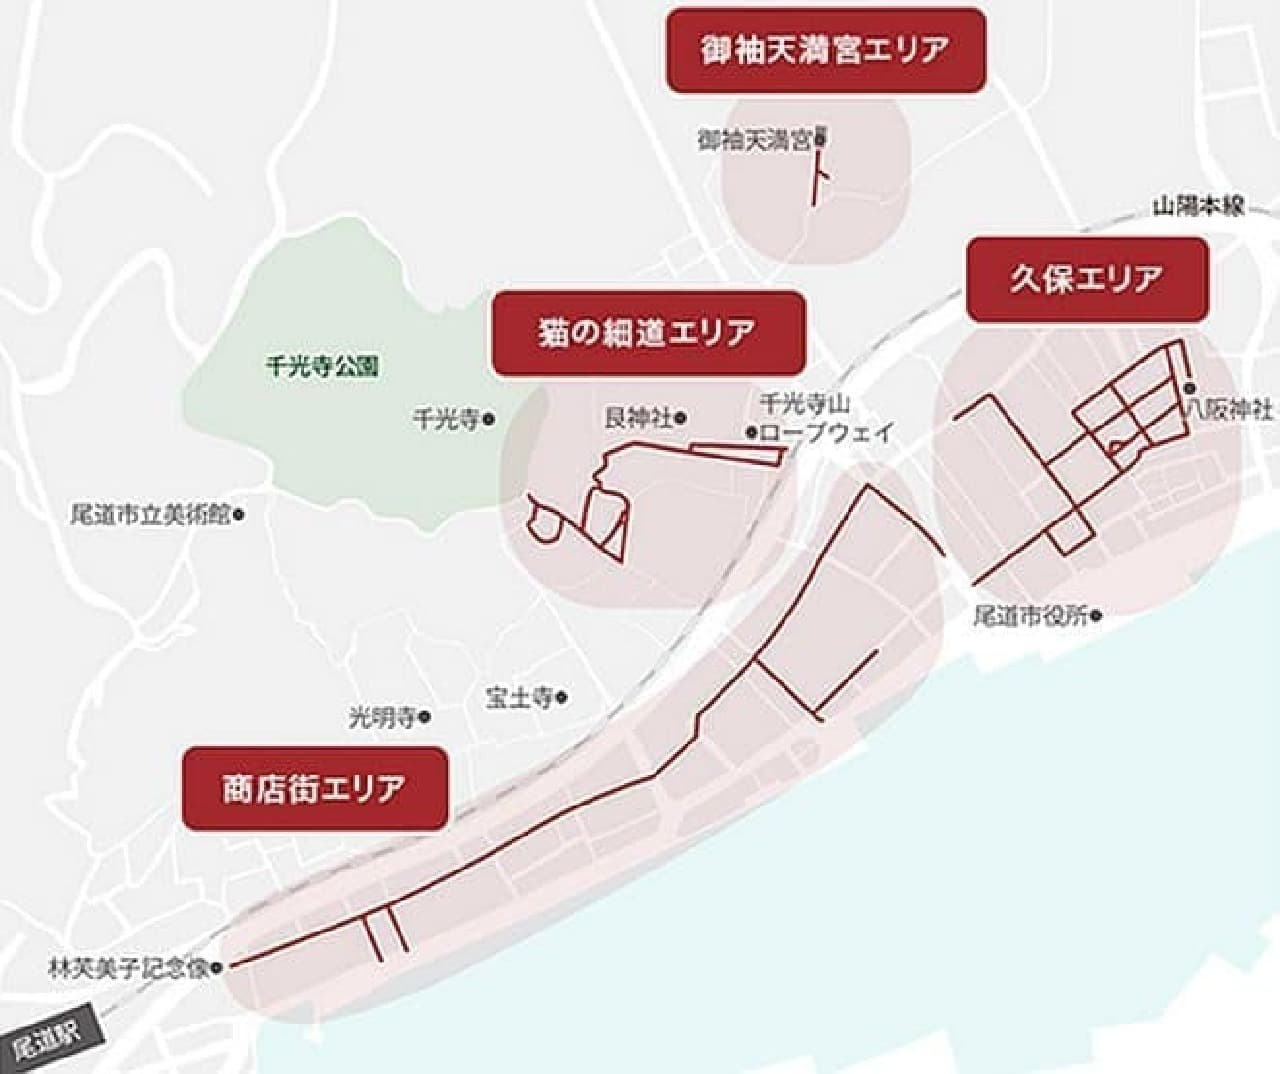 「広島 CAT STREET VIEW 尾道編」で公開されている、  「久保」「御袖天満宮」「商店街」「猫の細道」エリア